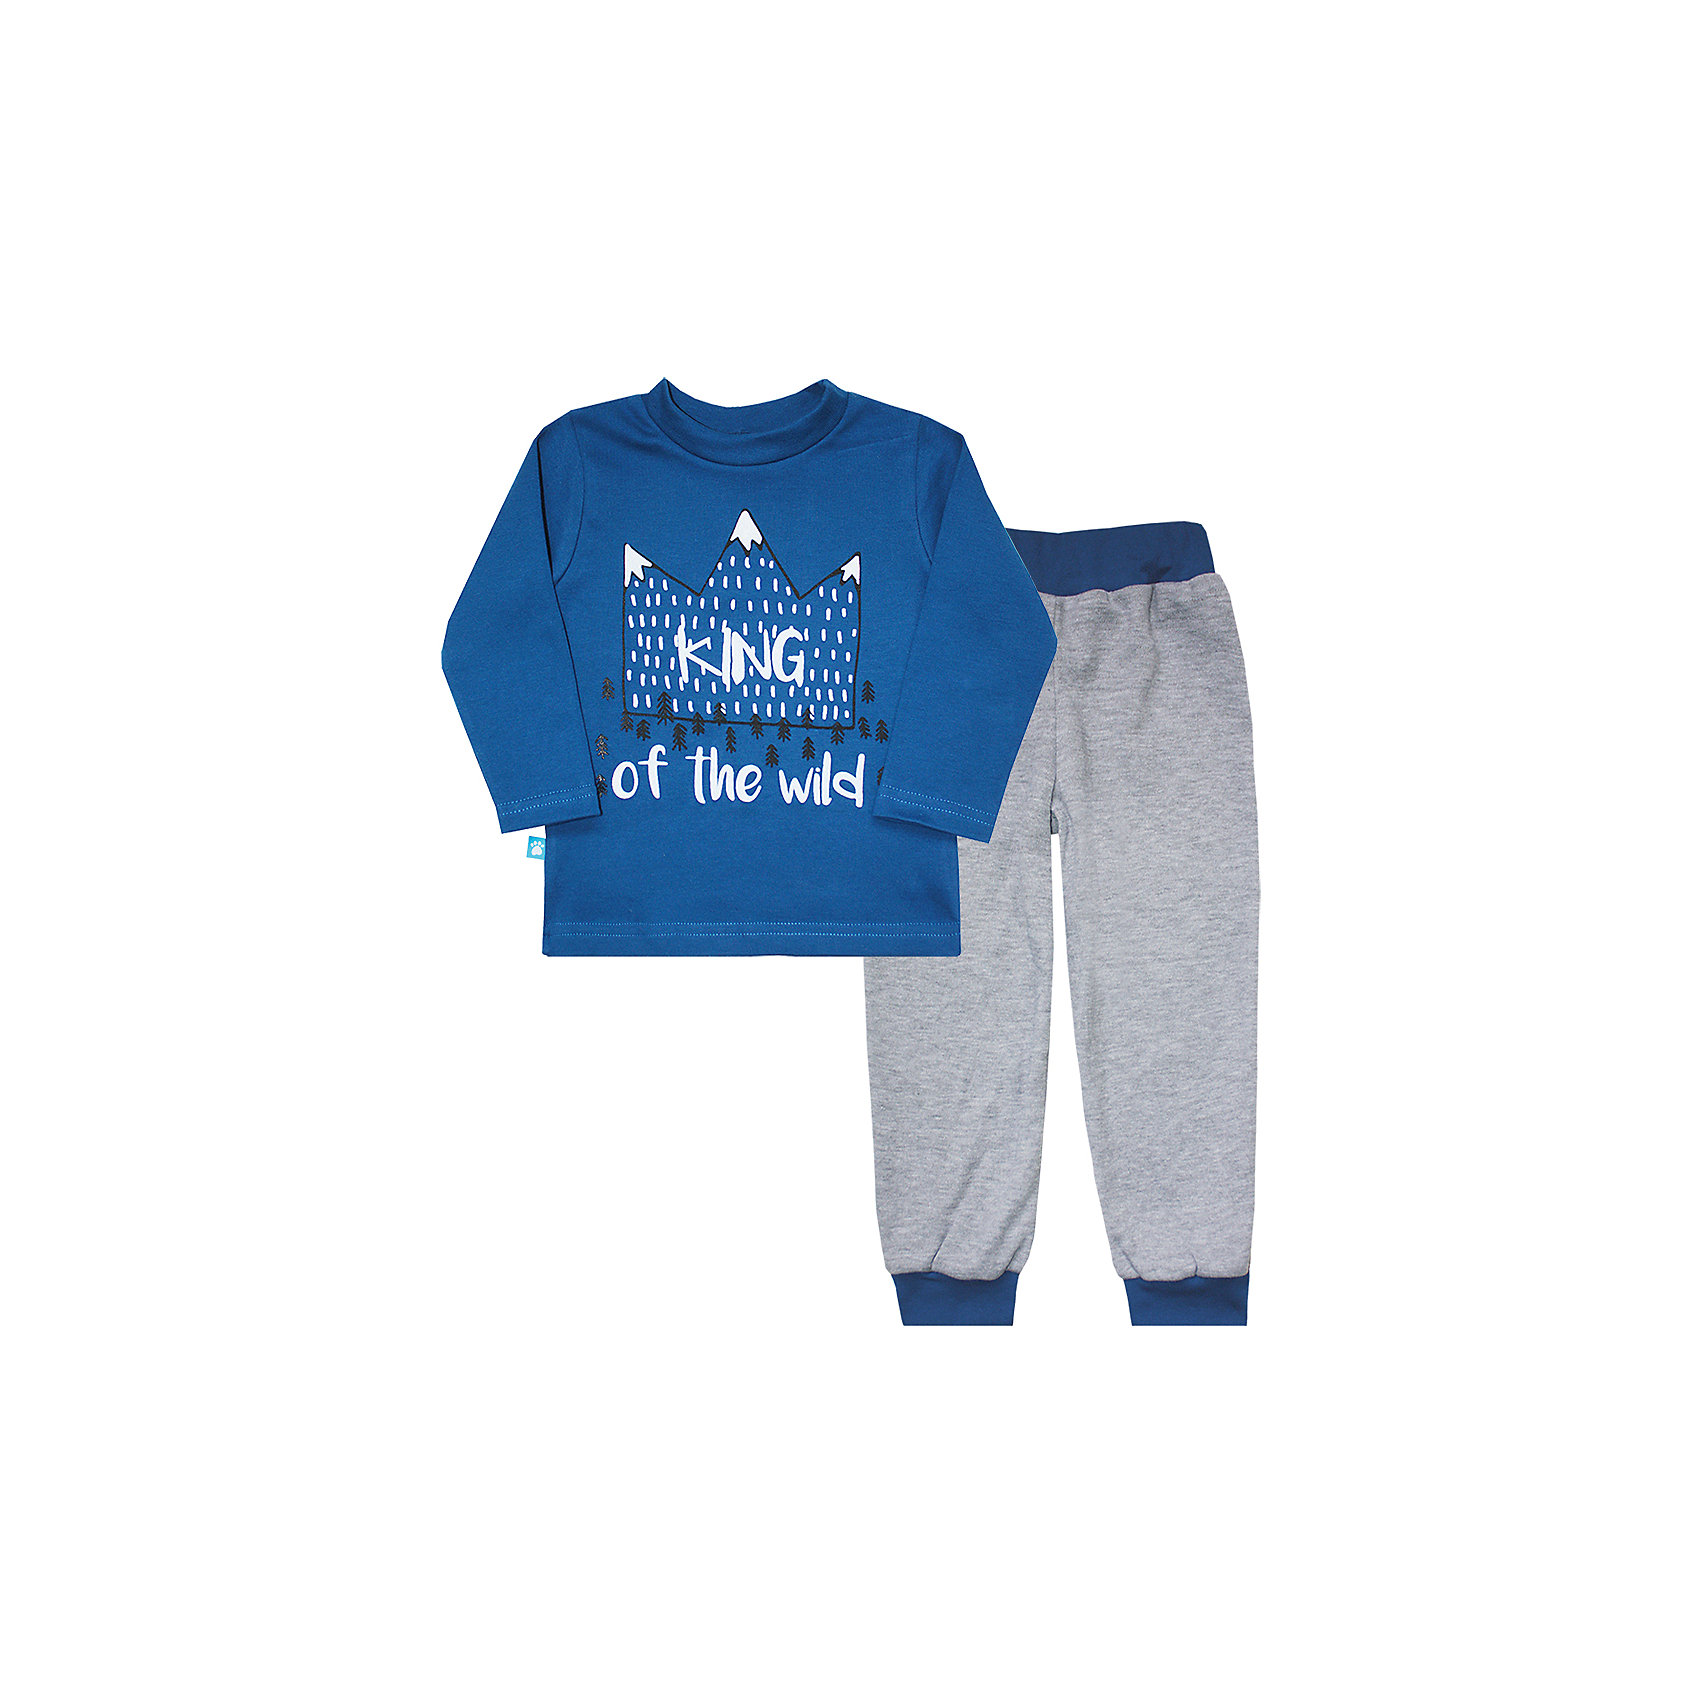 Пижама  для мальчика КотМарКотПижамы и сорочки<br>Пижама  для мальчика  известной марки КотМарКот.<br><br>Состав: 100% хлопок<br><br>Данную пижаму вы можете купить в нашем магазине.<br><br>Ширина мм: 281<br>Глубина мм: 70<br>Высота мм: 188<br>Вес г: 295<br>Цвет: синий<br>Возраст от месяцев: 72<br>Возраст до месяцев: 84<br>Пол: Мужской<br>Возраст: Детский<br>Размер: 122,92,98,104,110,116<br>SKU: 4906546